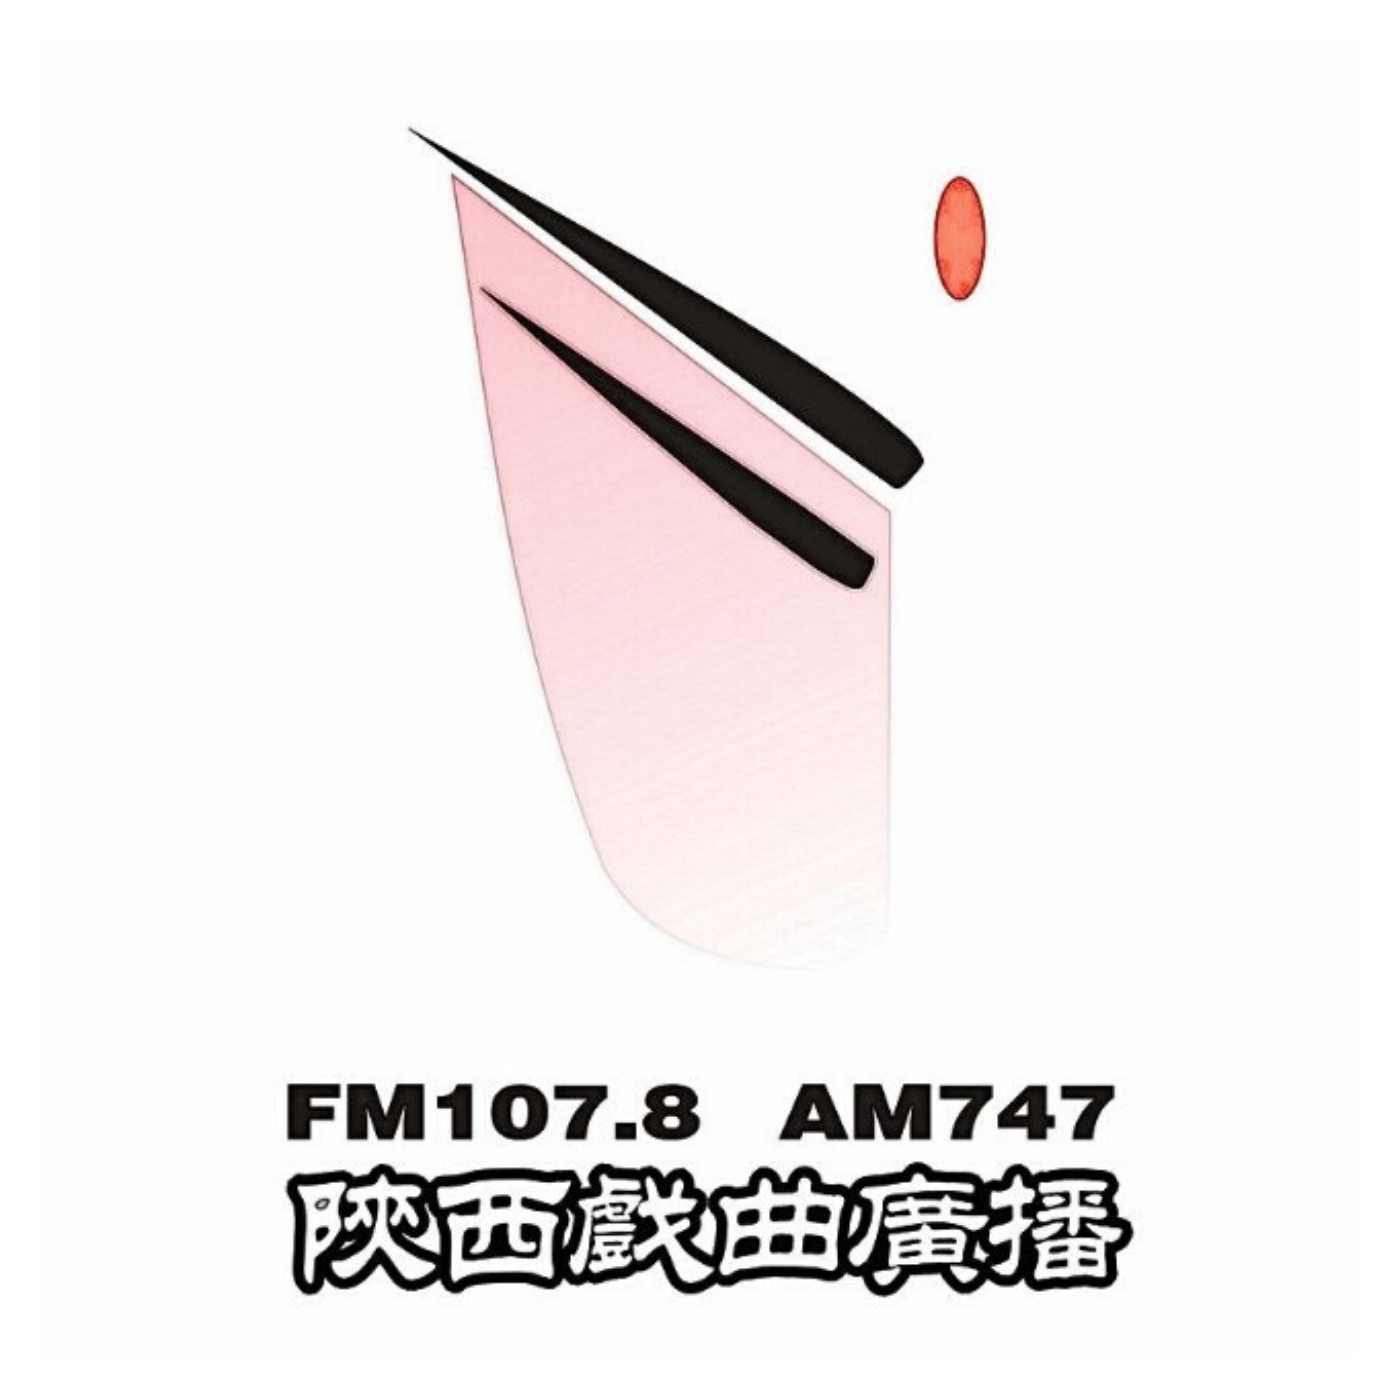 陕西戏曲广播